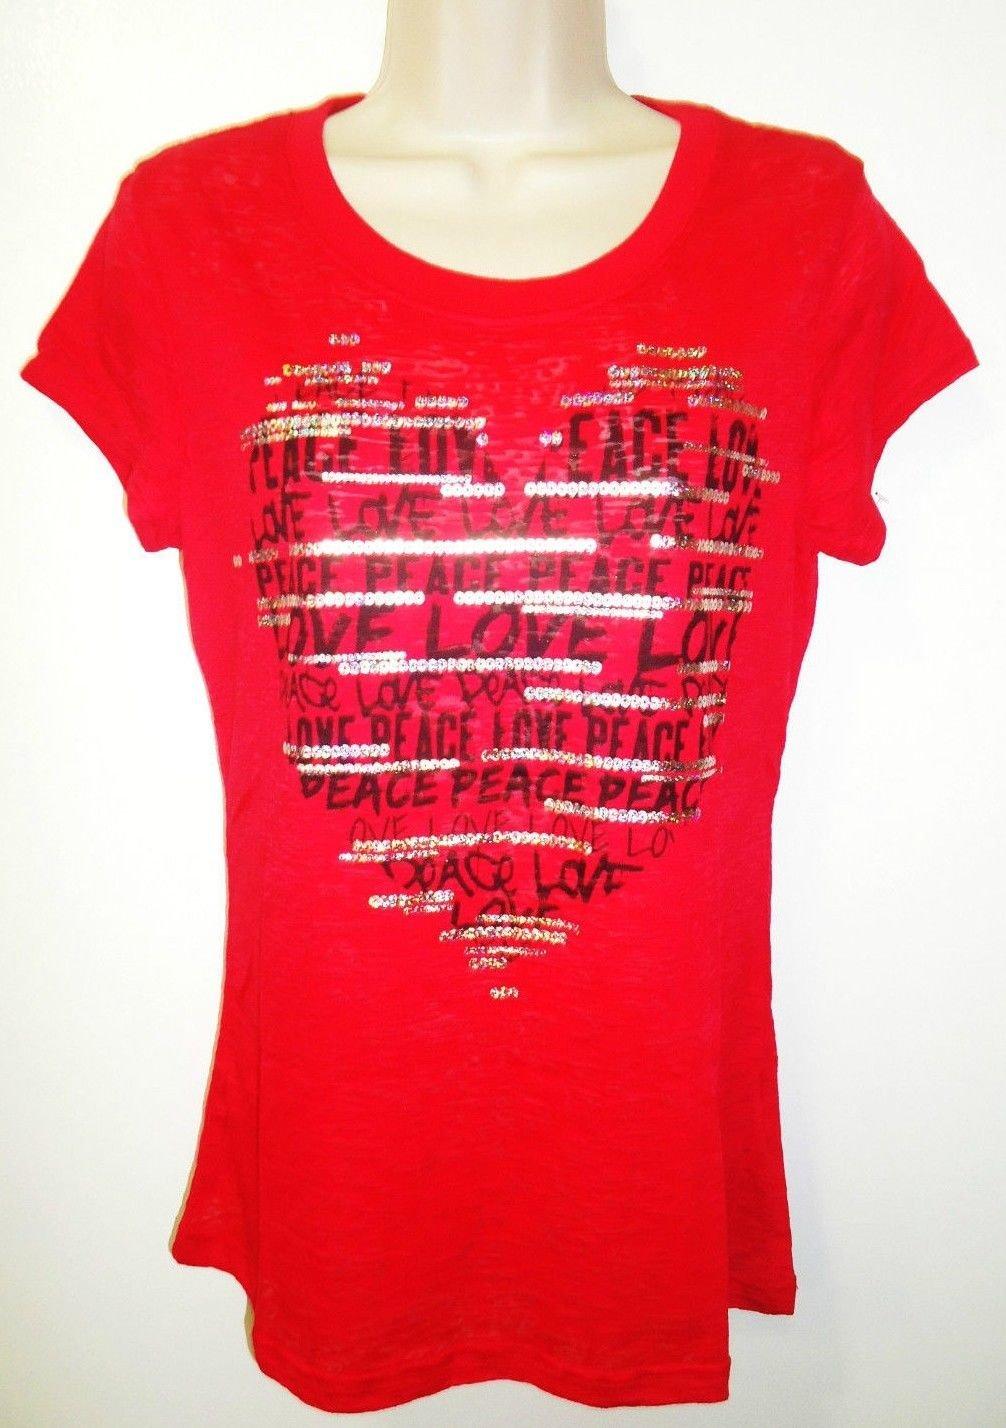 ROCKER GIRL - LOVE & PEACE - RED - HEART - T-SHIRT - XL/XG - 15/17 - BRAND NEW